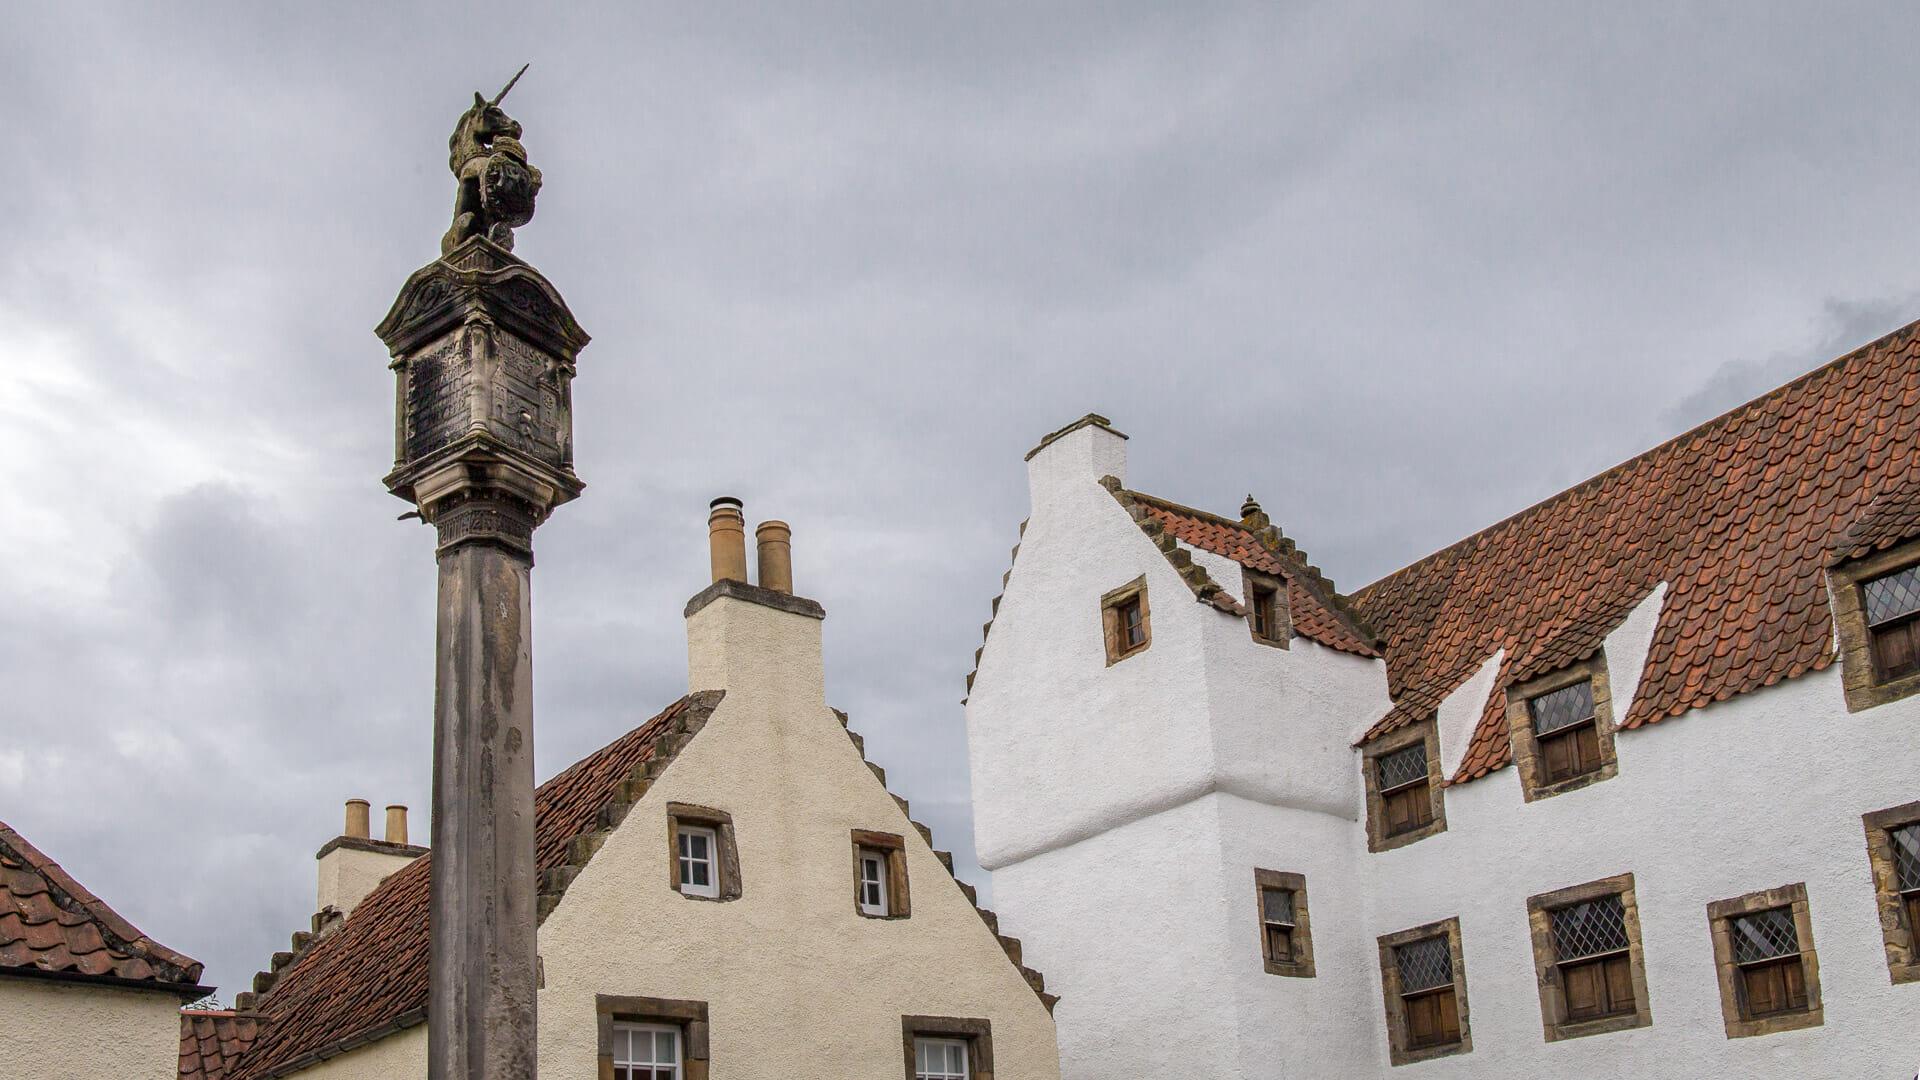 Mercat Cross mit dem Turm der Study im Hintergrund